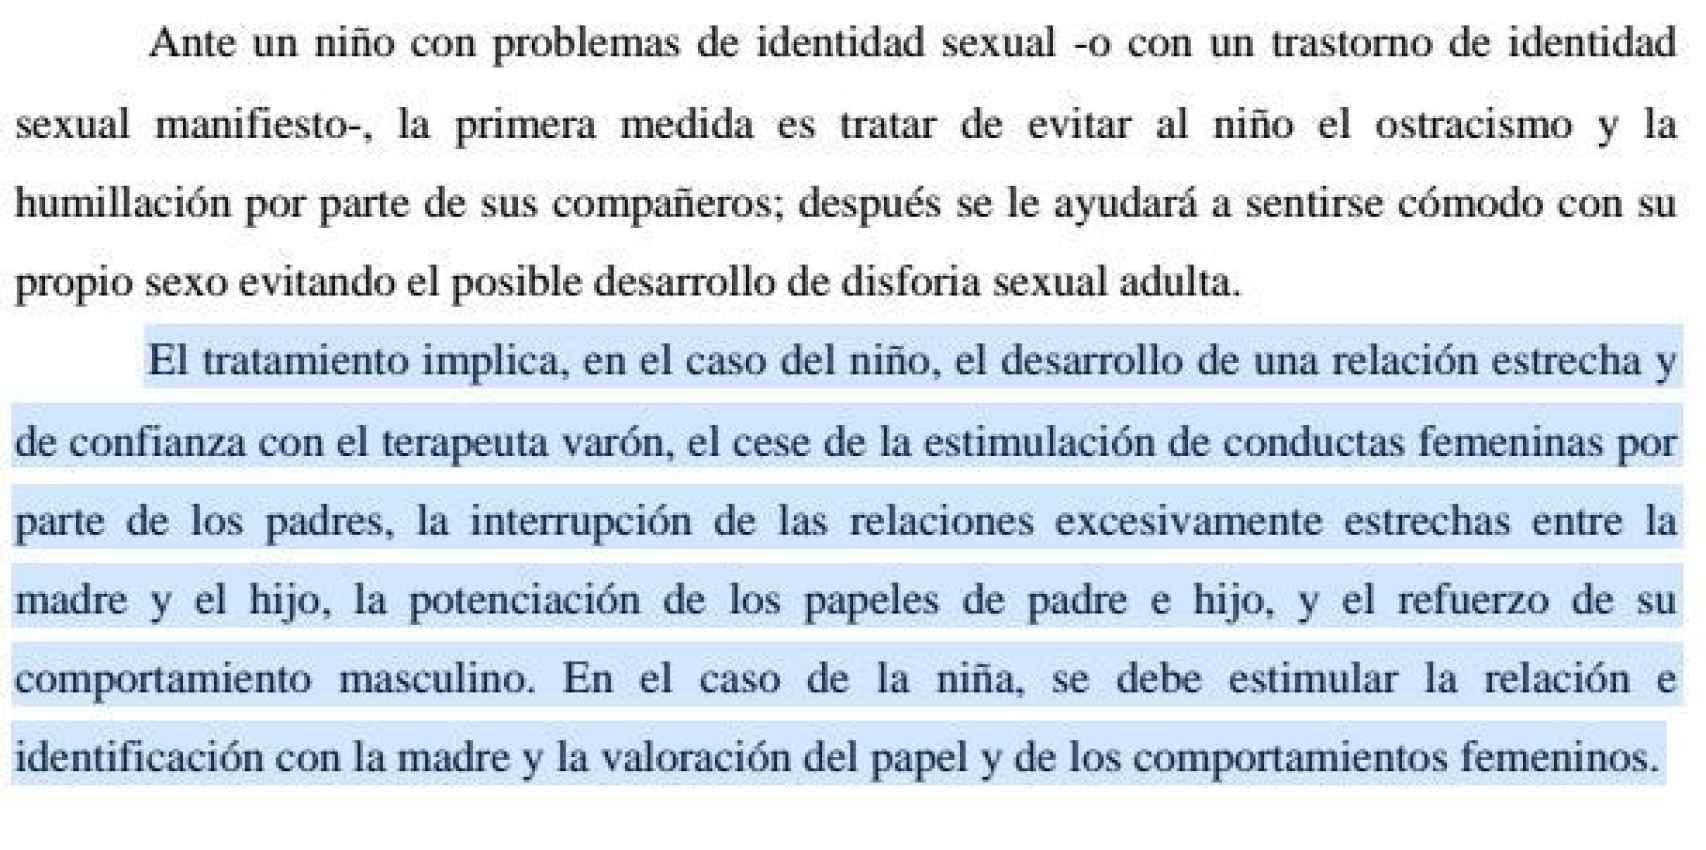 Imagen de los apuntes de la Universidad de Navarra.